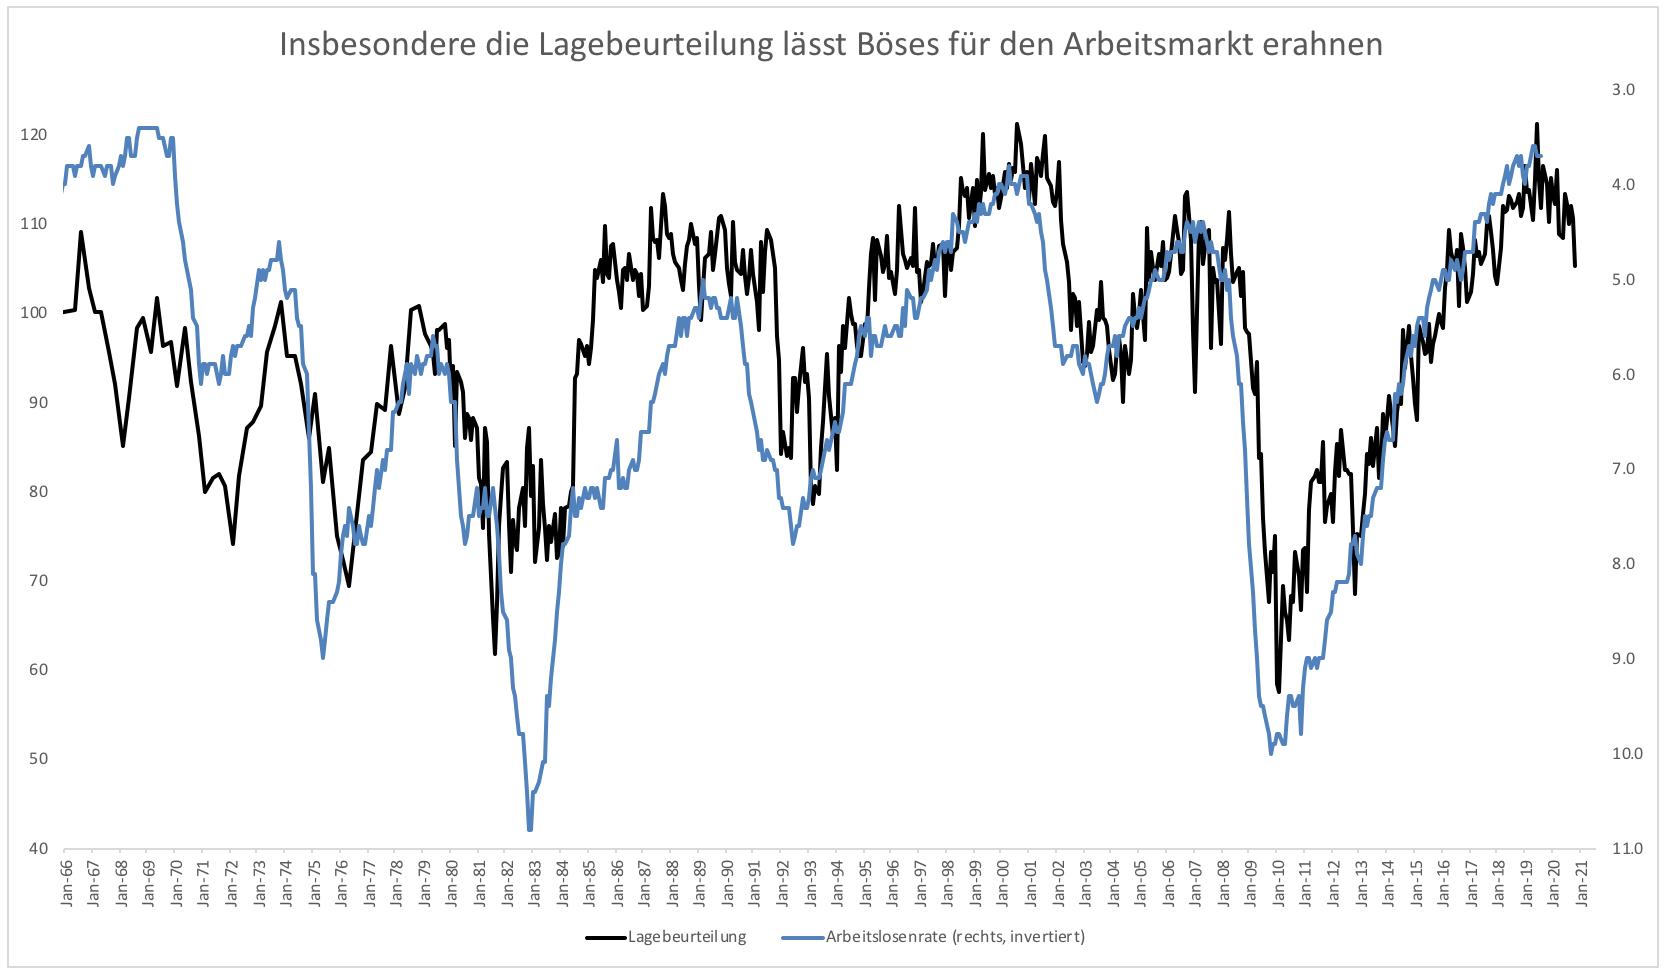 Kann-die-Fed-wirklich-so-blind-sein-Kommentar-Clemens-Schmale-GodmodeTrader.de-2